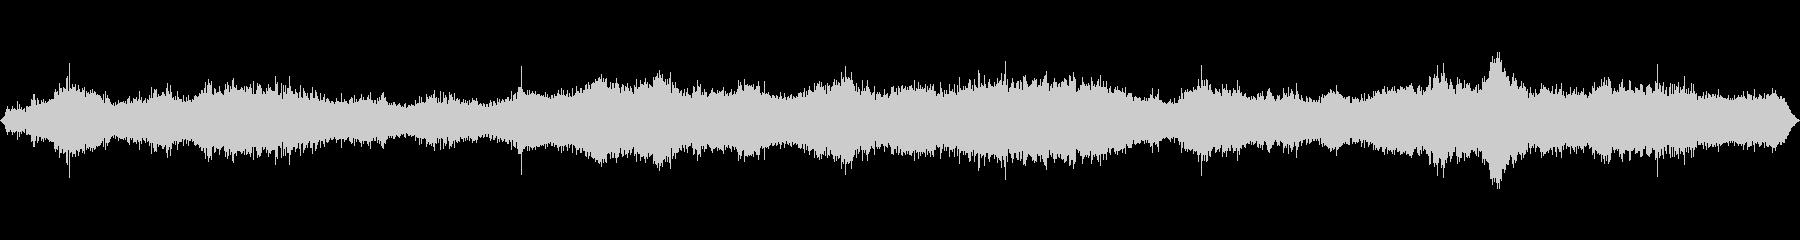 強いうめき声の未再生の波形